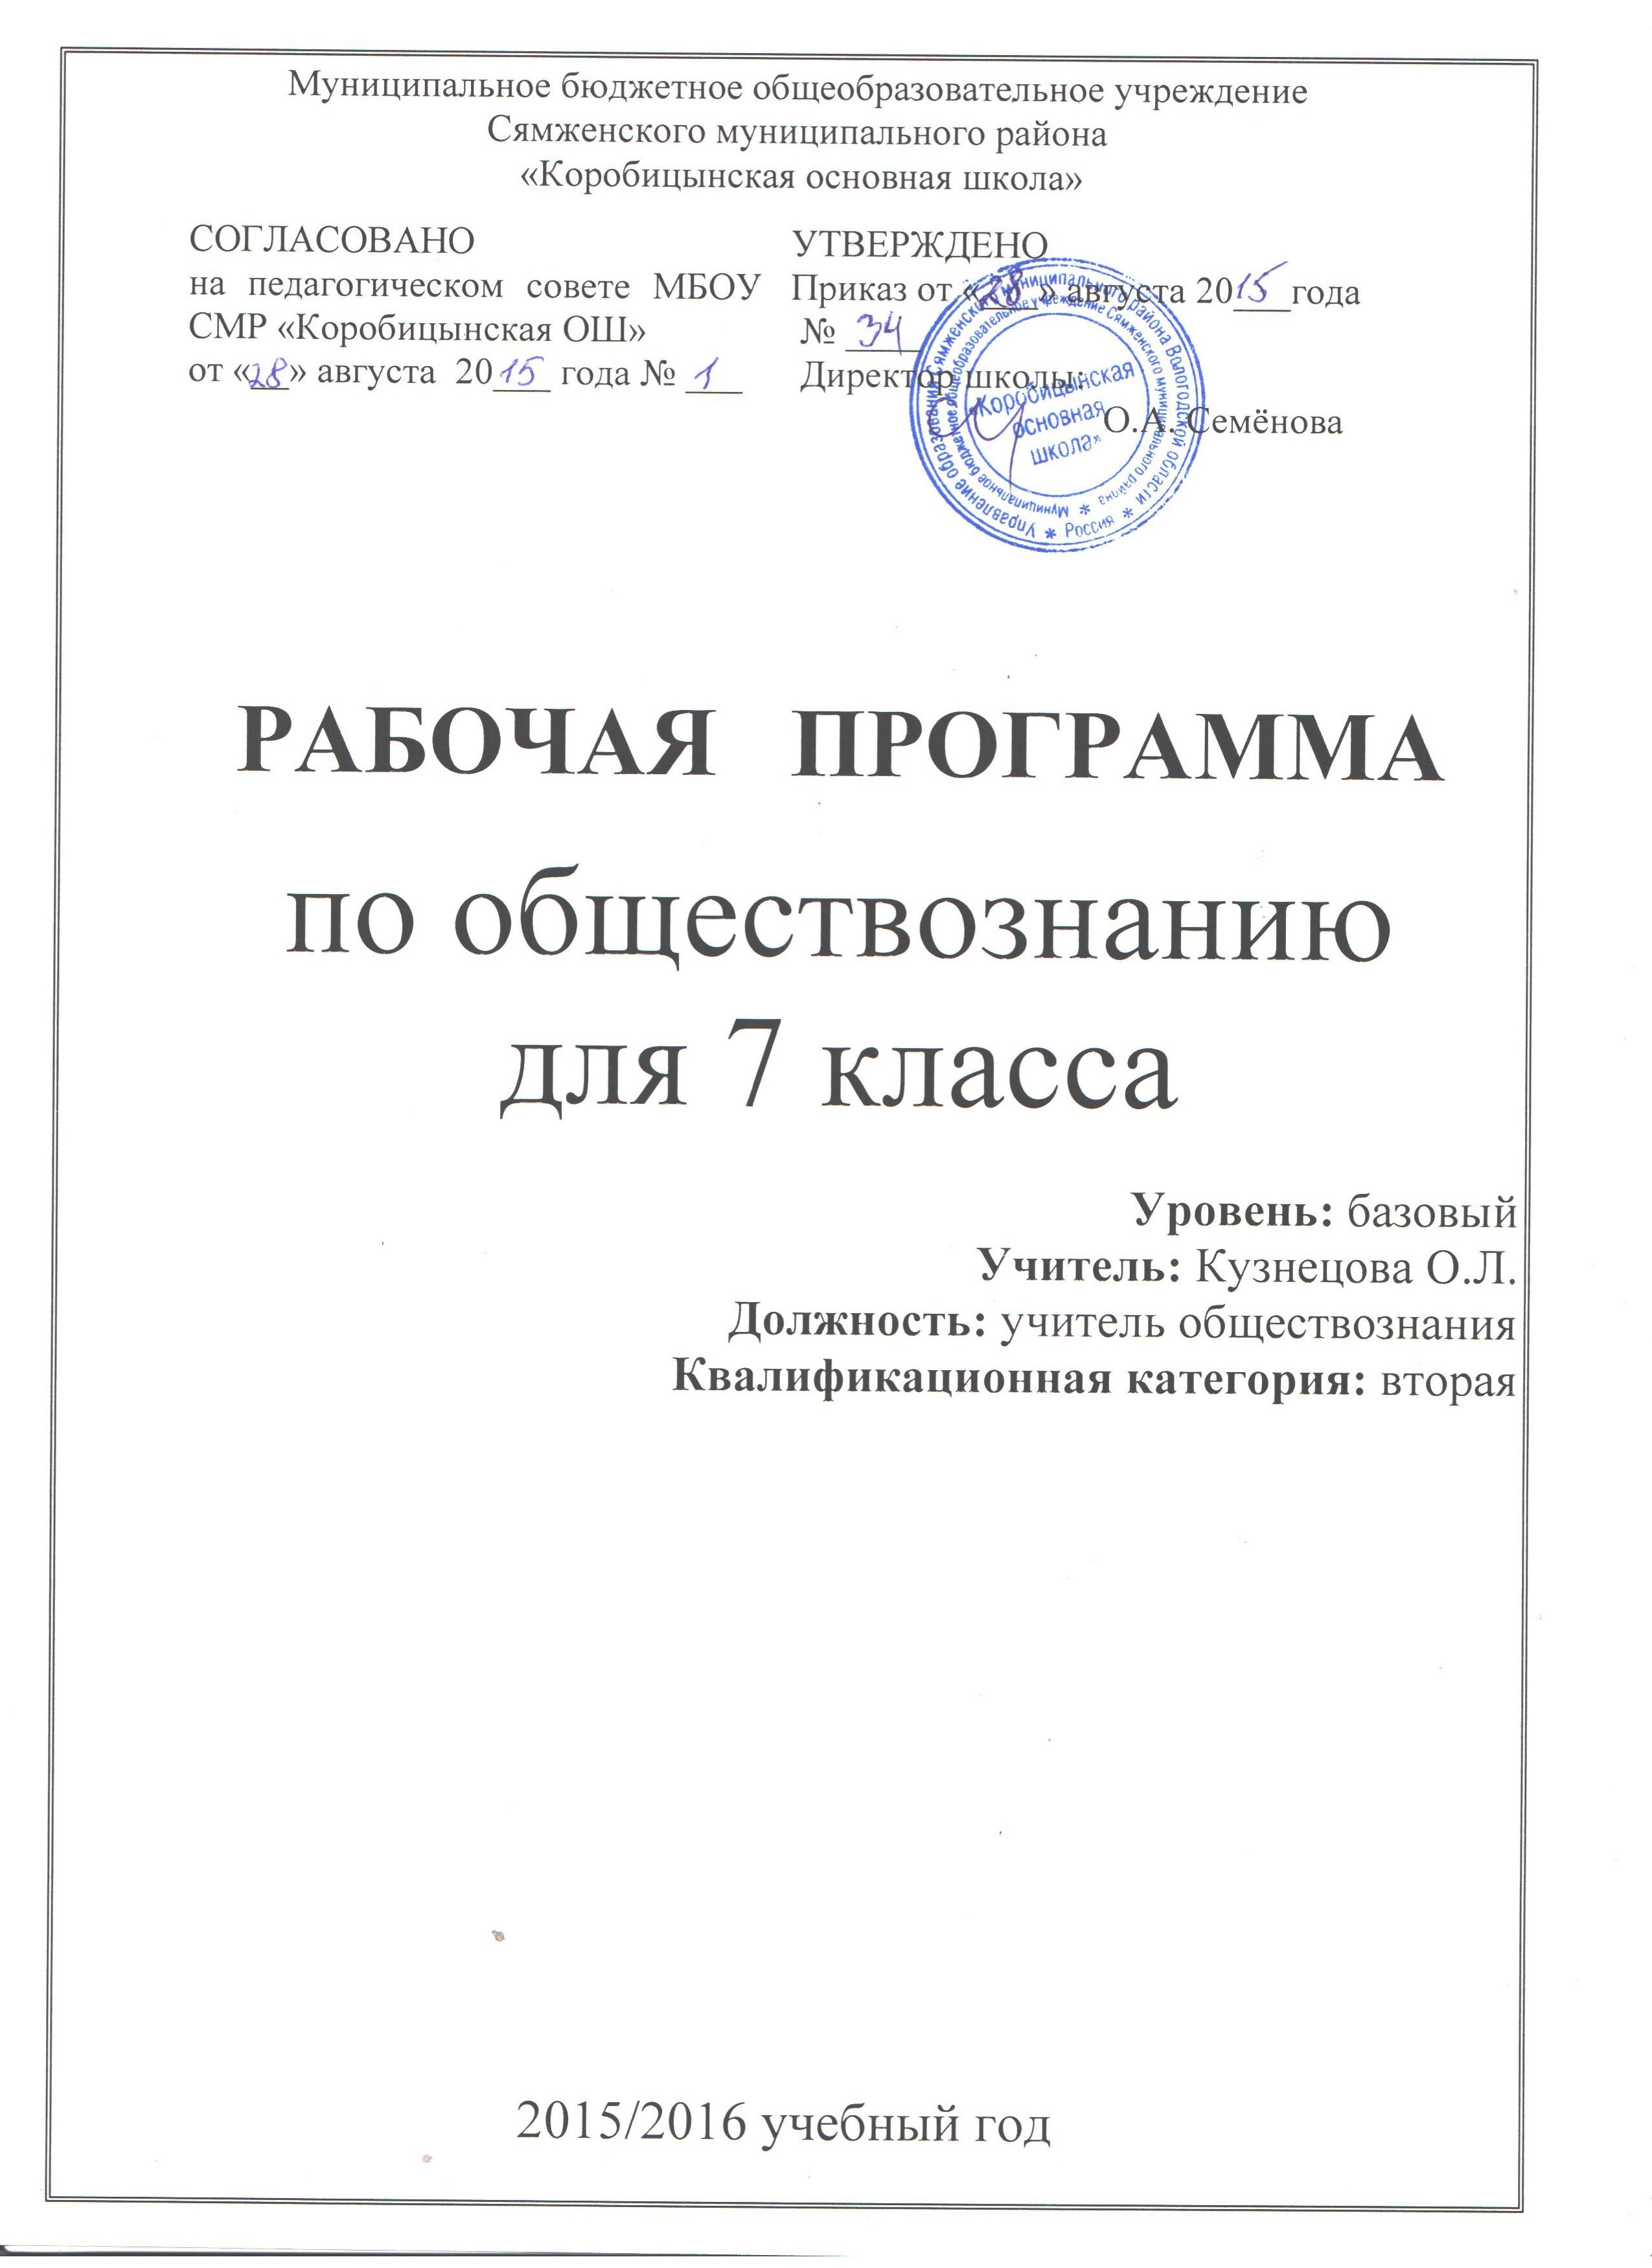 Доклад по обществознанию о лидерах 7 класс кравченко